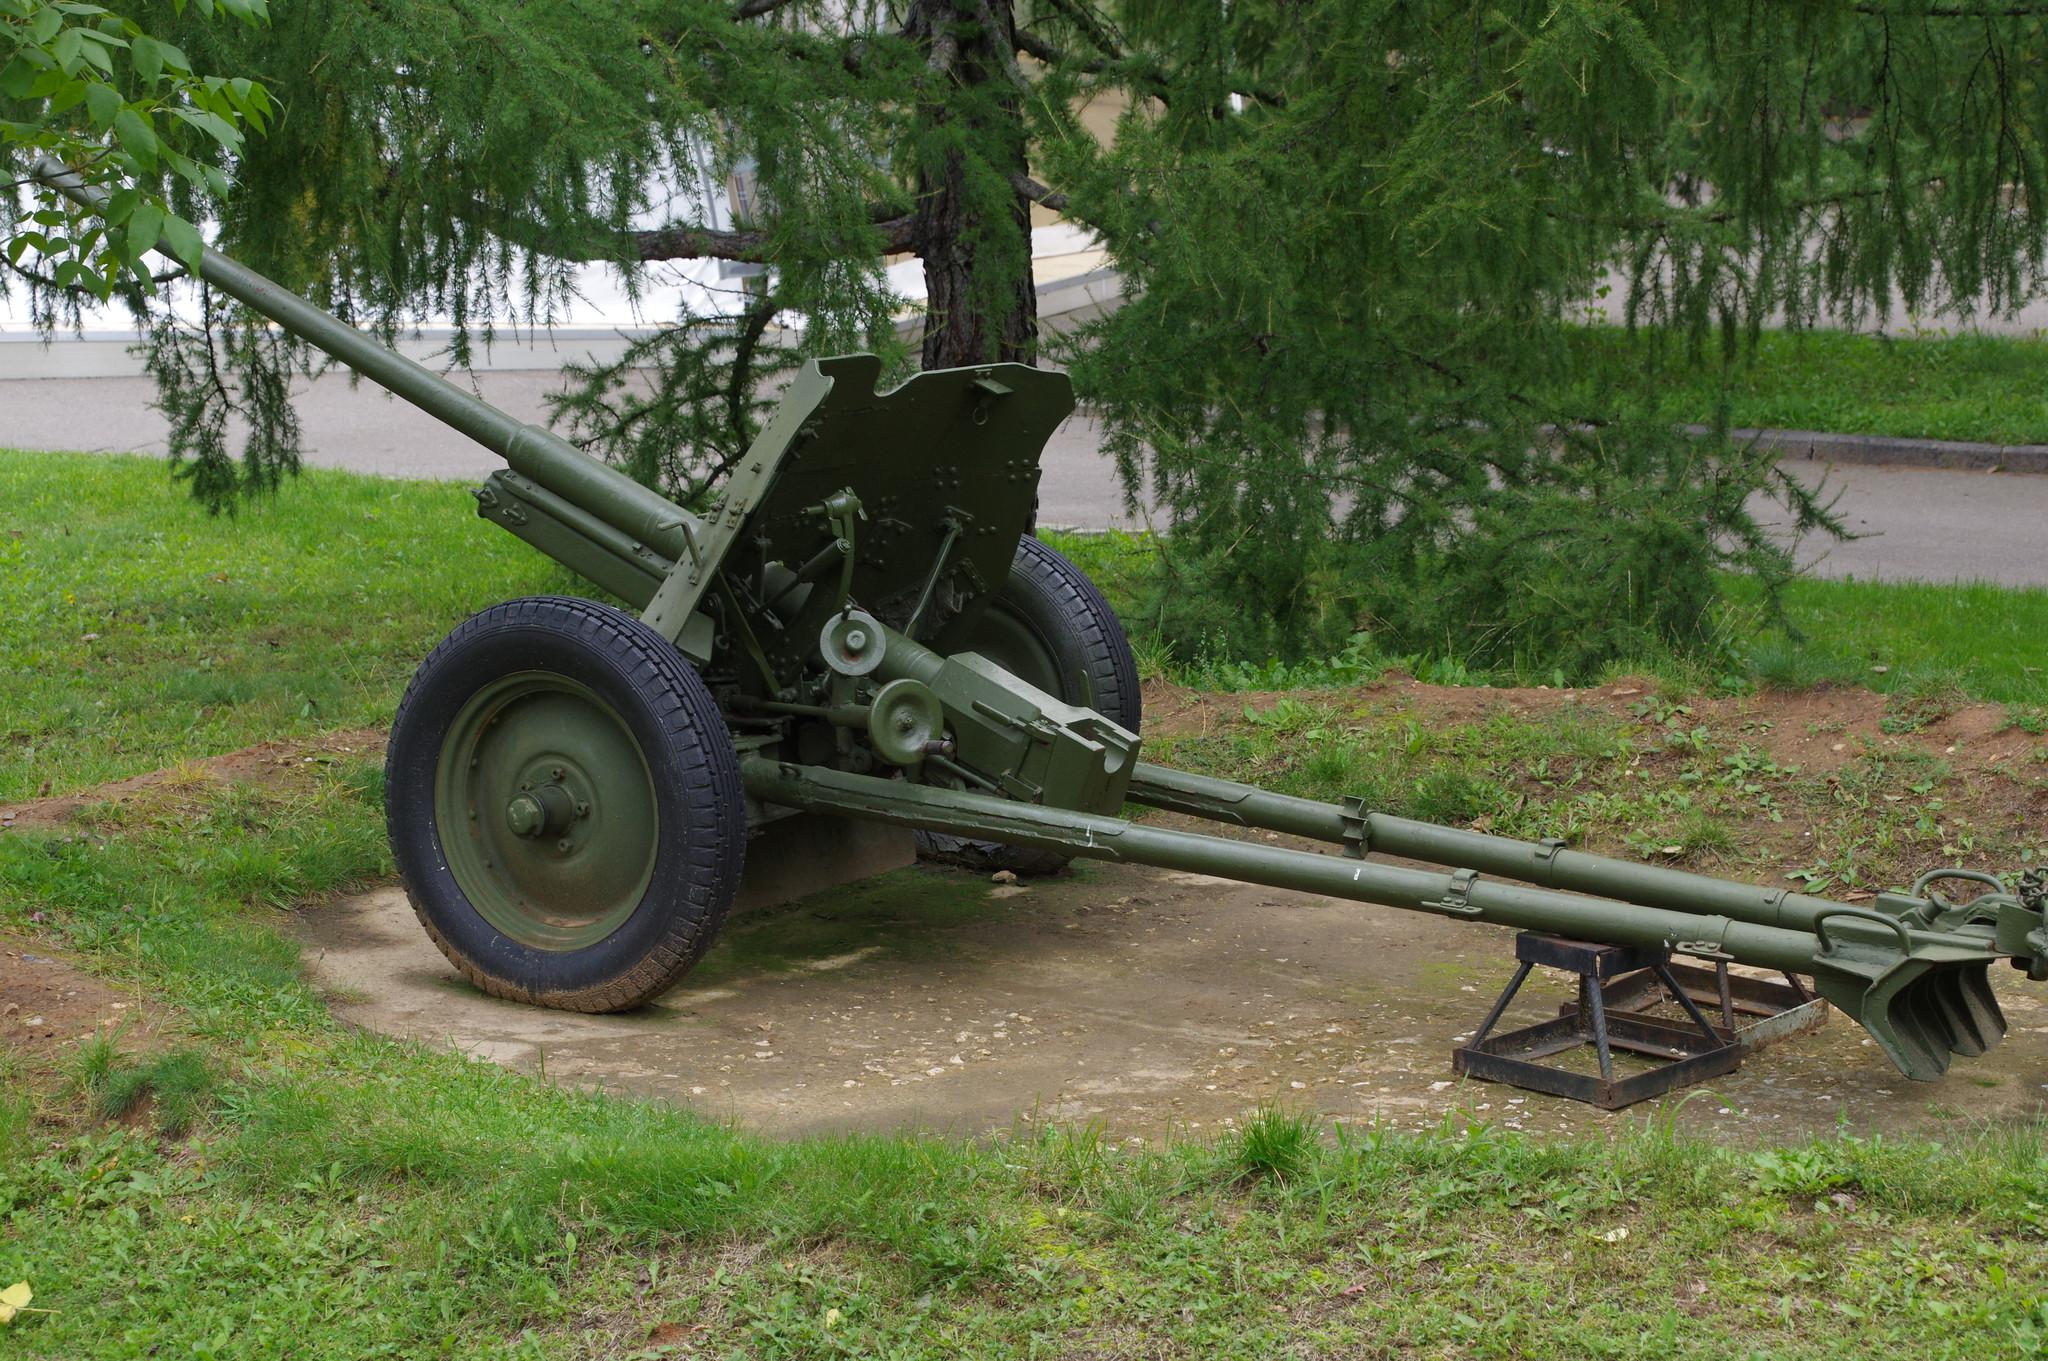 45-мм противотанковая пушка М-42 образца 1942 года в экспозиции Музея Победы